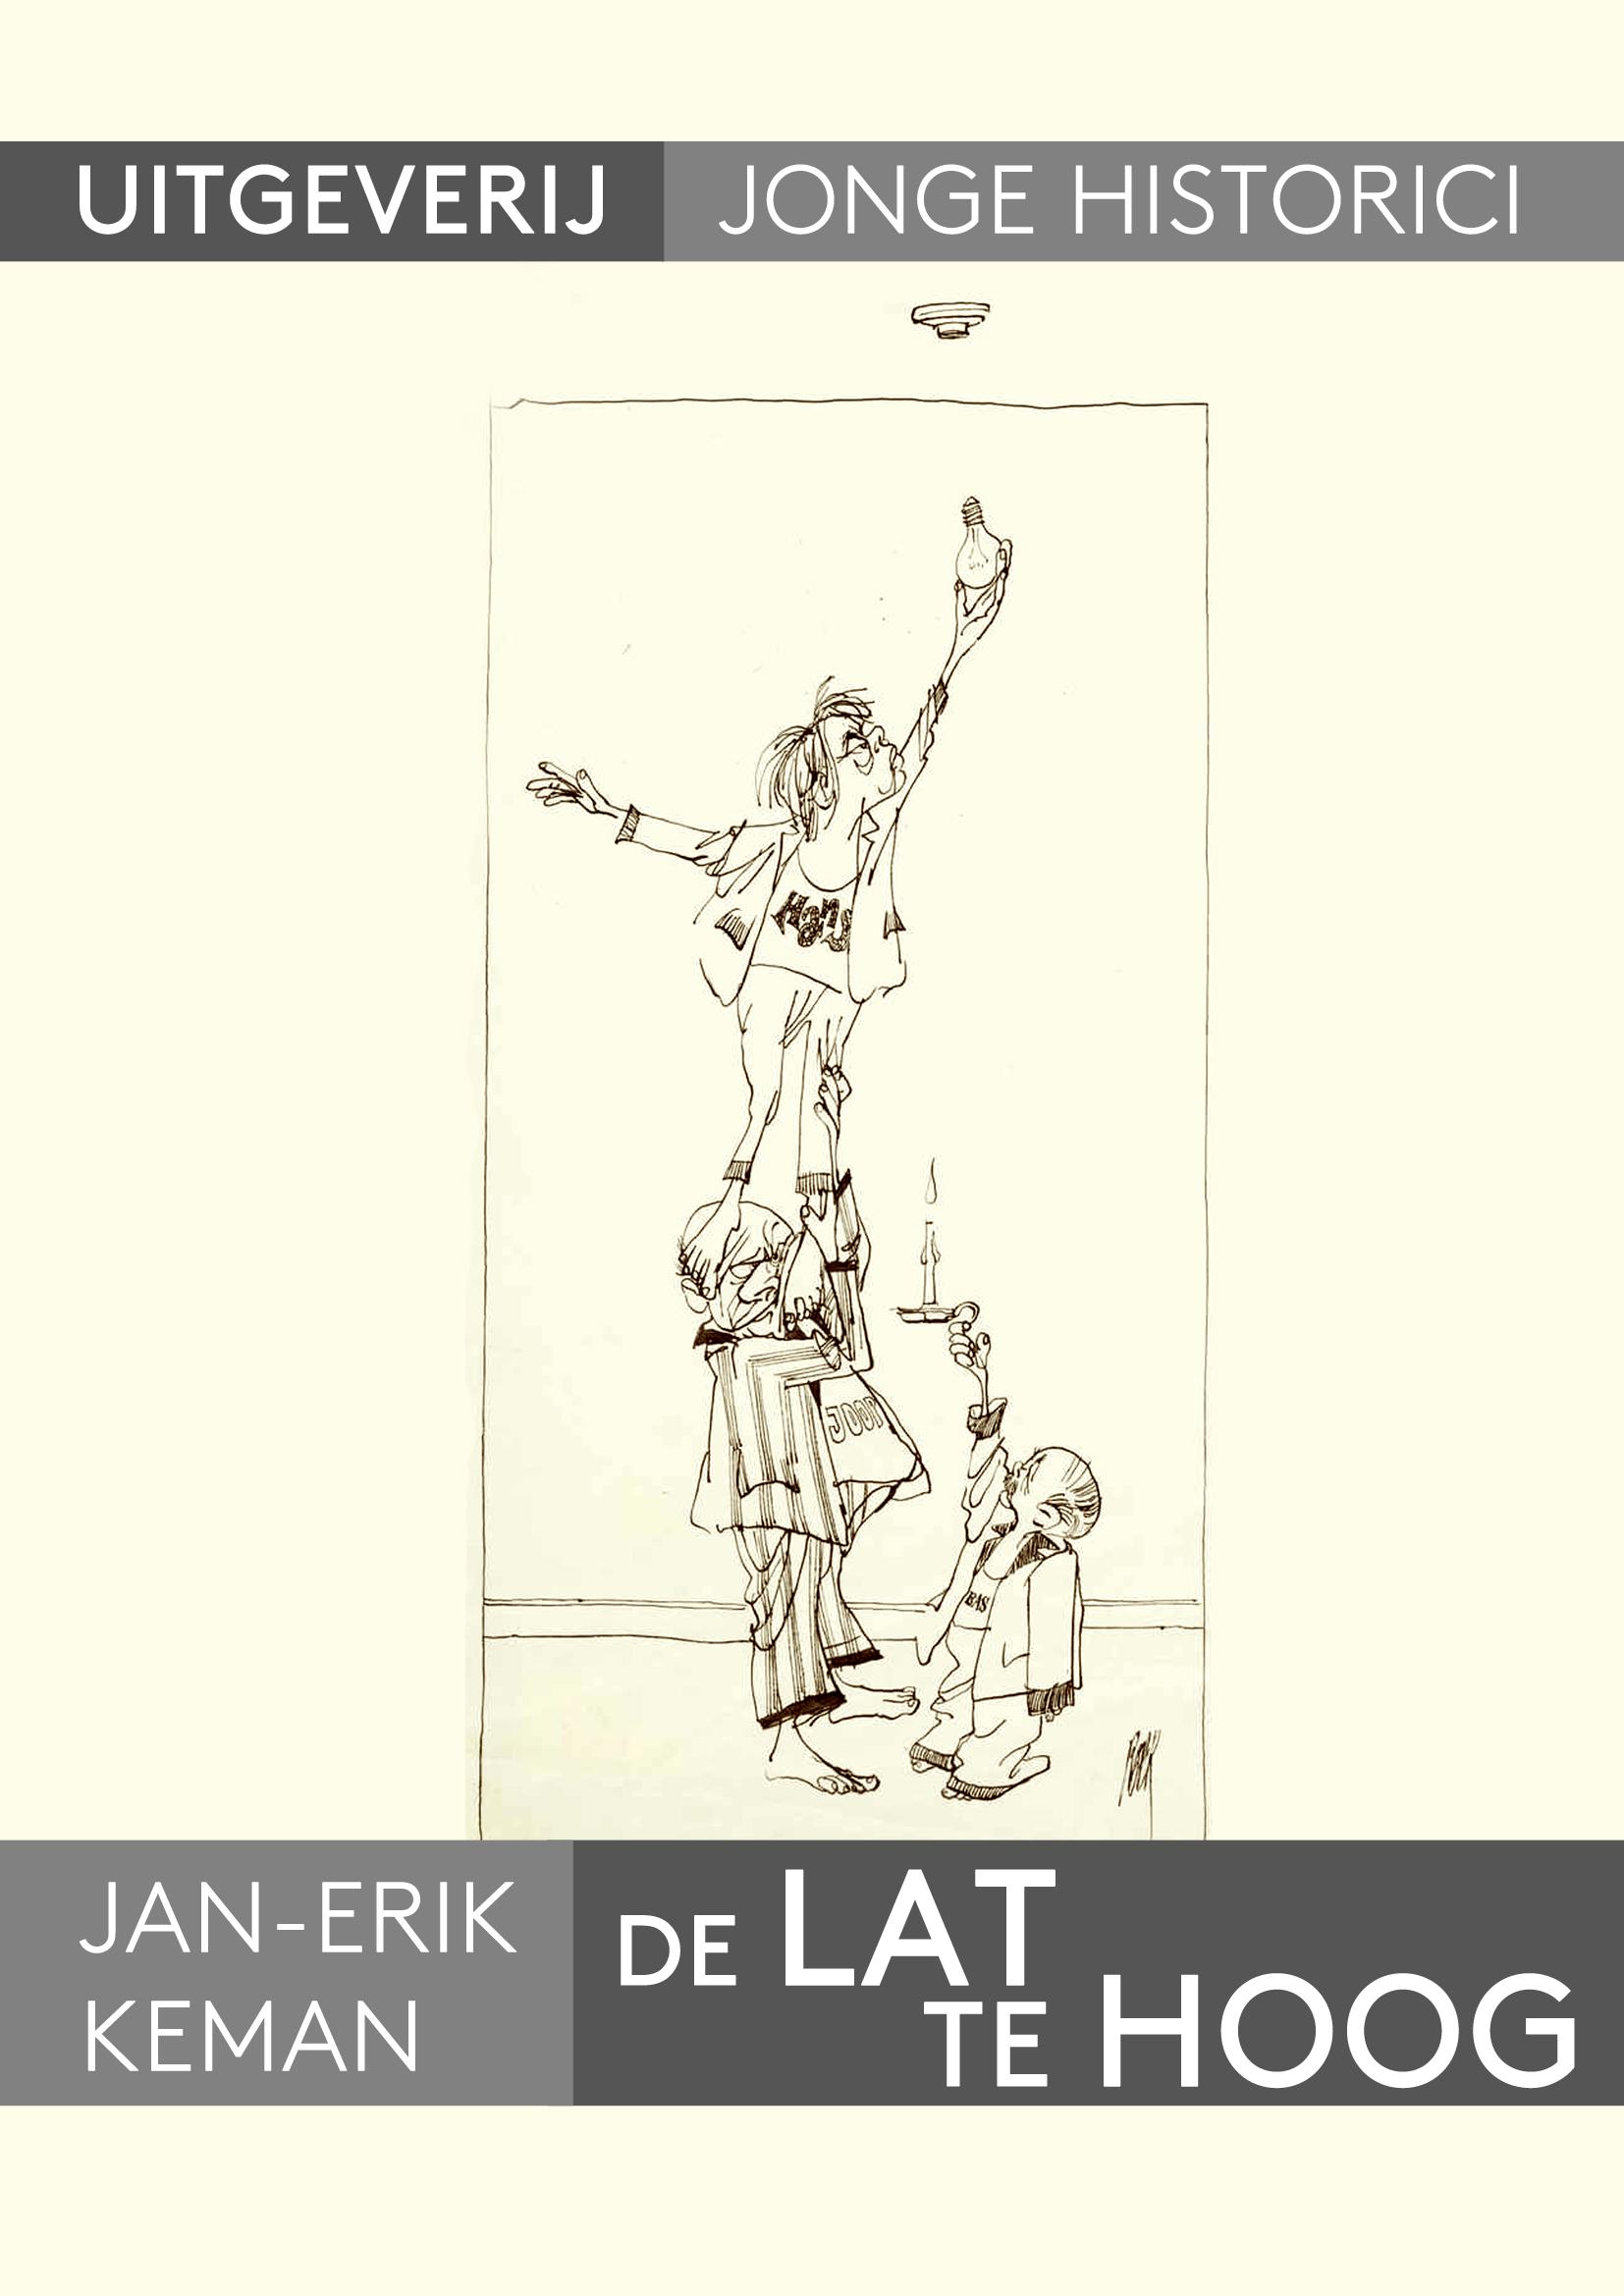 Longread: Jan-Erik Keman, De lat te hoog. Waarom de kiezer ondanks grenzeloze ambities en een ongekende dadendrang begin jaren zeventig toch geen invloed kreeg op de regeringsvorming